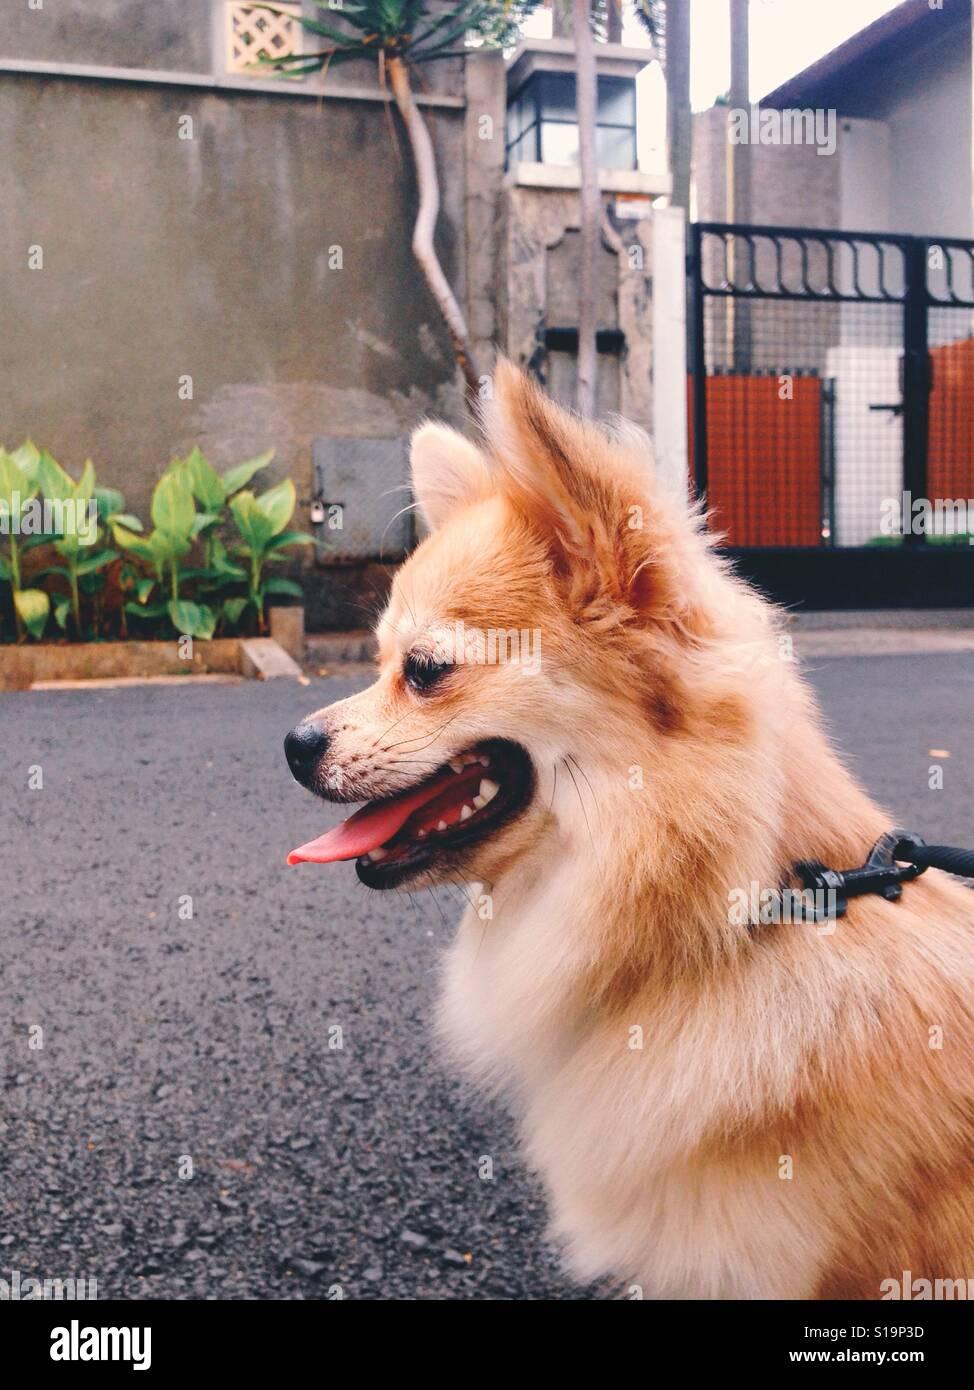 Chihuahua Long Hair - Stock Image